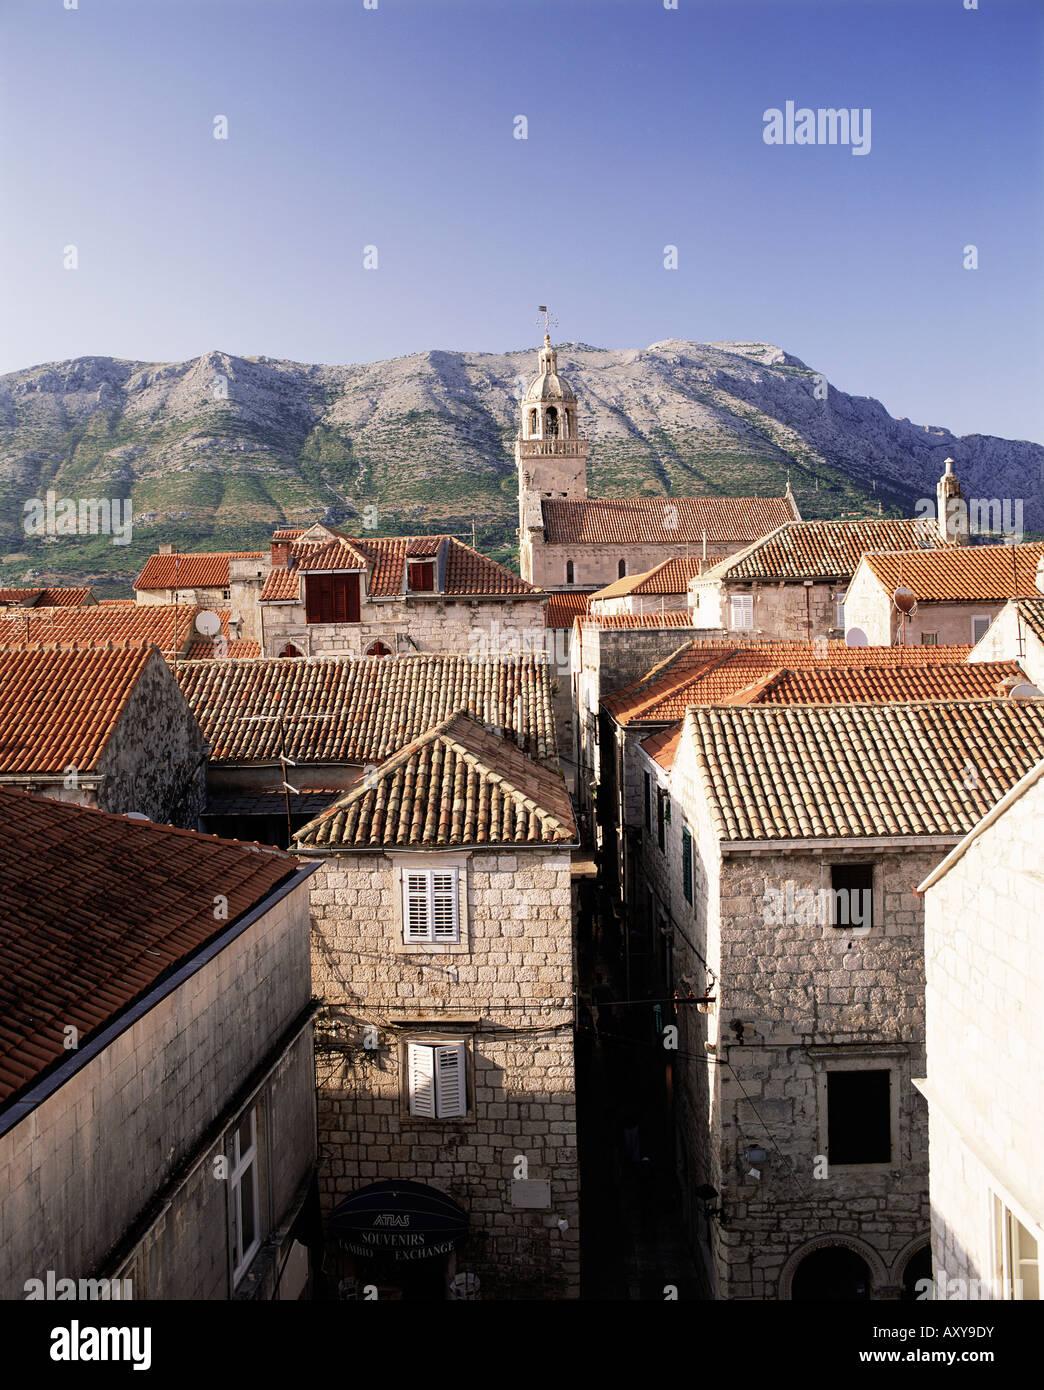 Erhöhten Blick auf Korcula Stadt Blick auf die Halbinsel Peljesac, Insel Korcula, Dalmatien, Dalmatien, Kroatien Stockbild